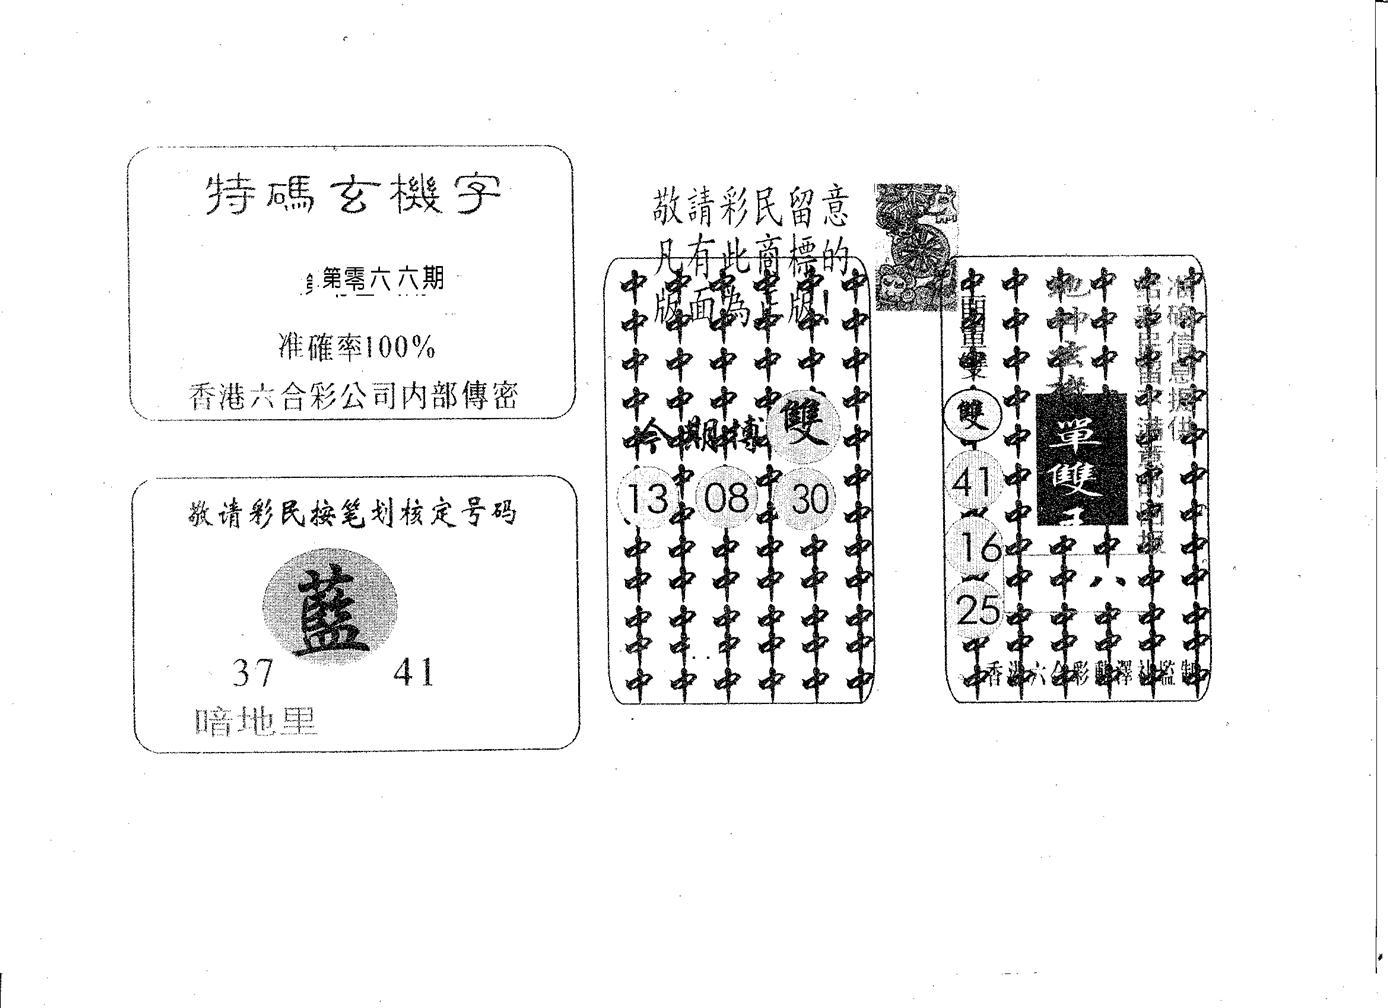 066期特码玄机字(黑白)